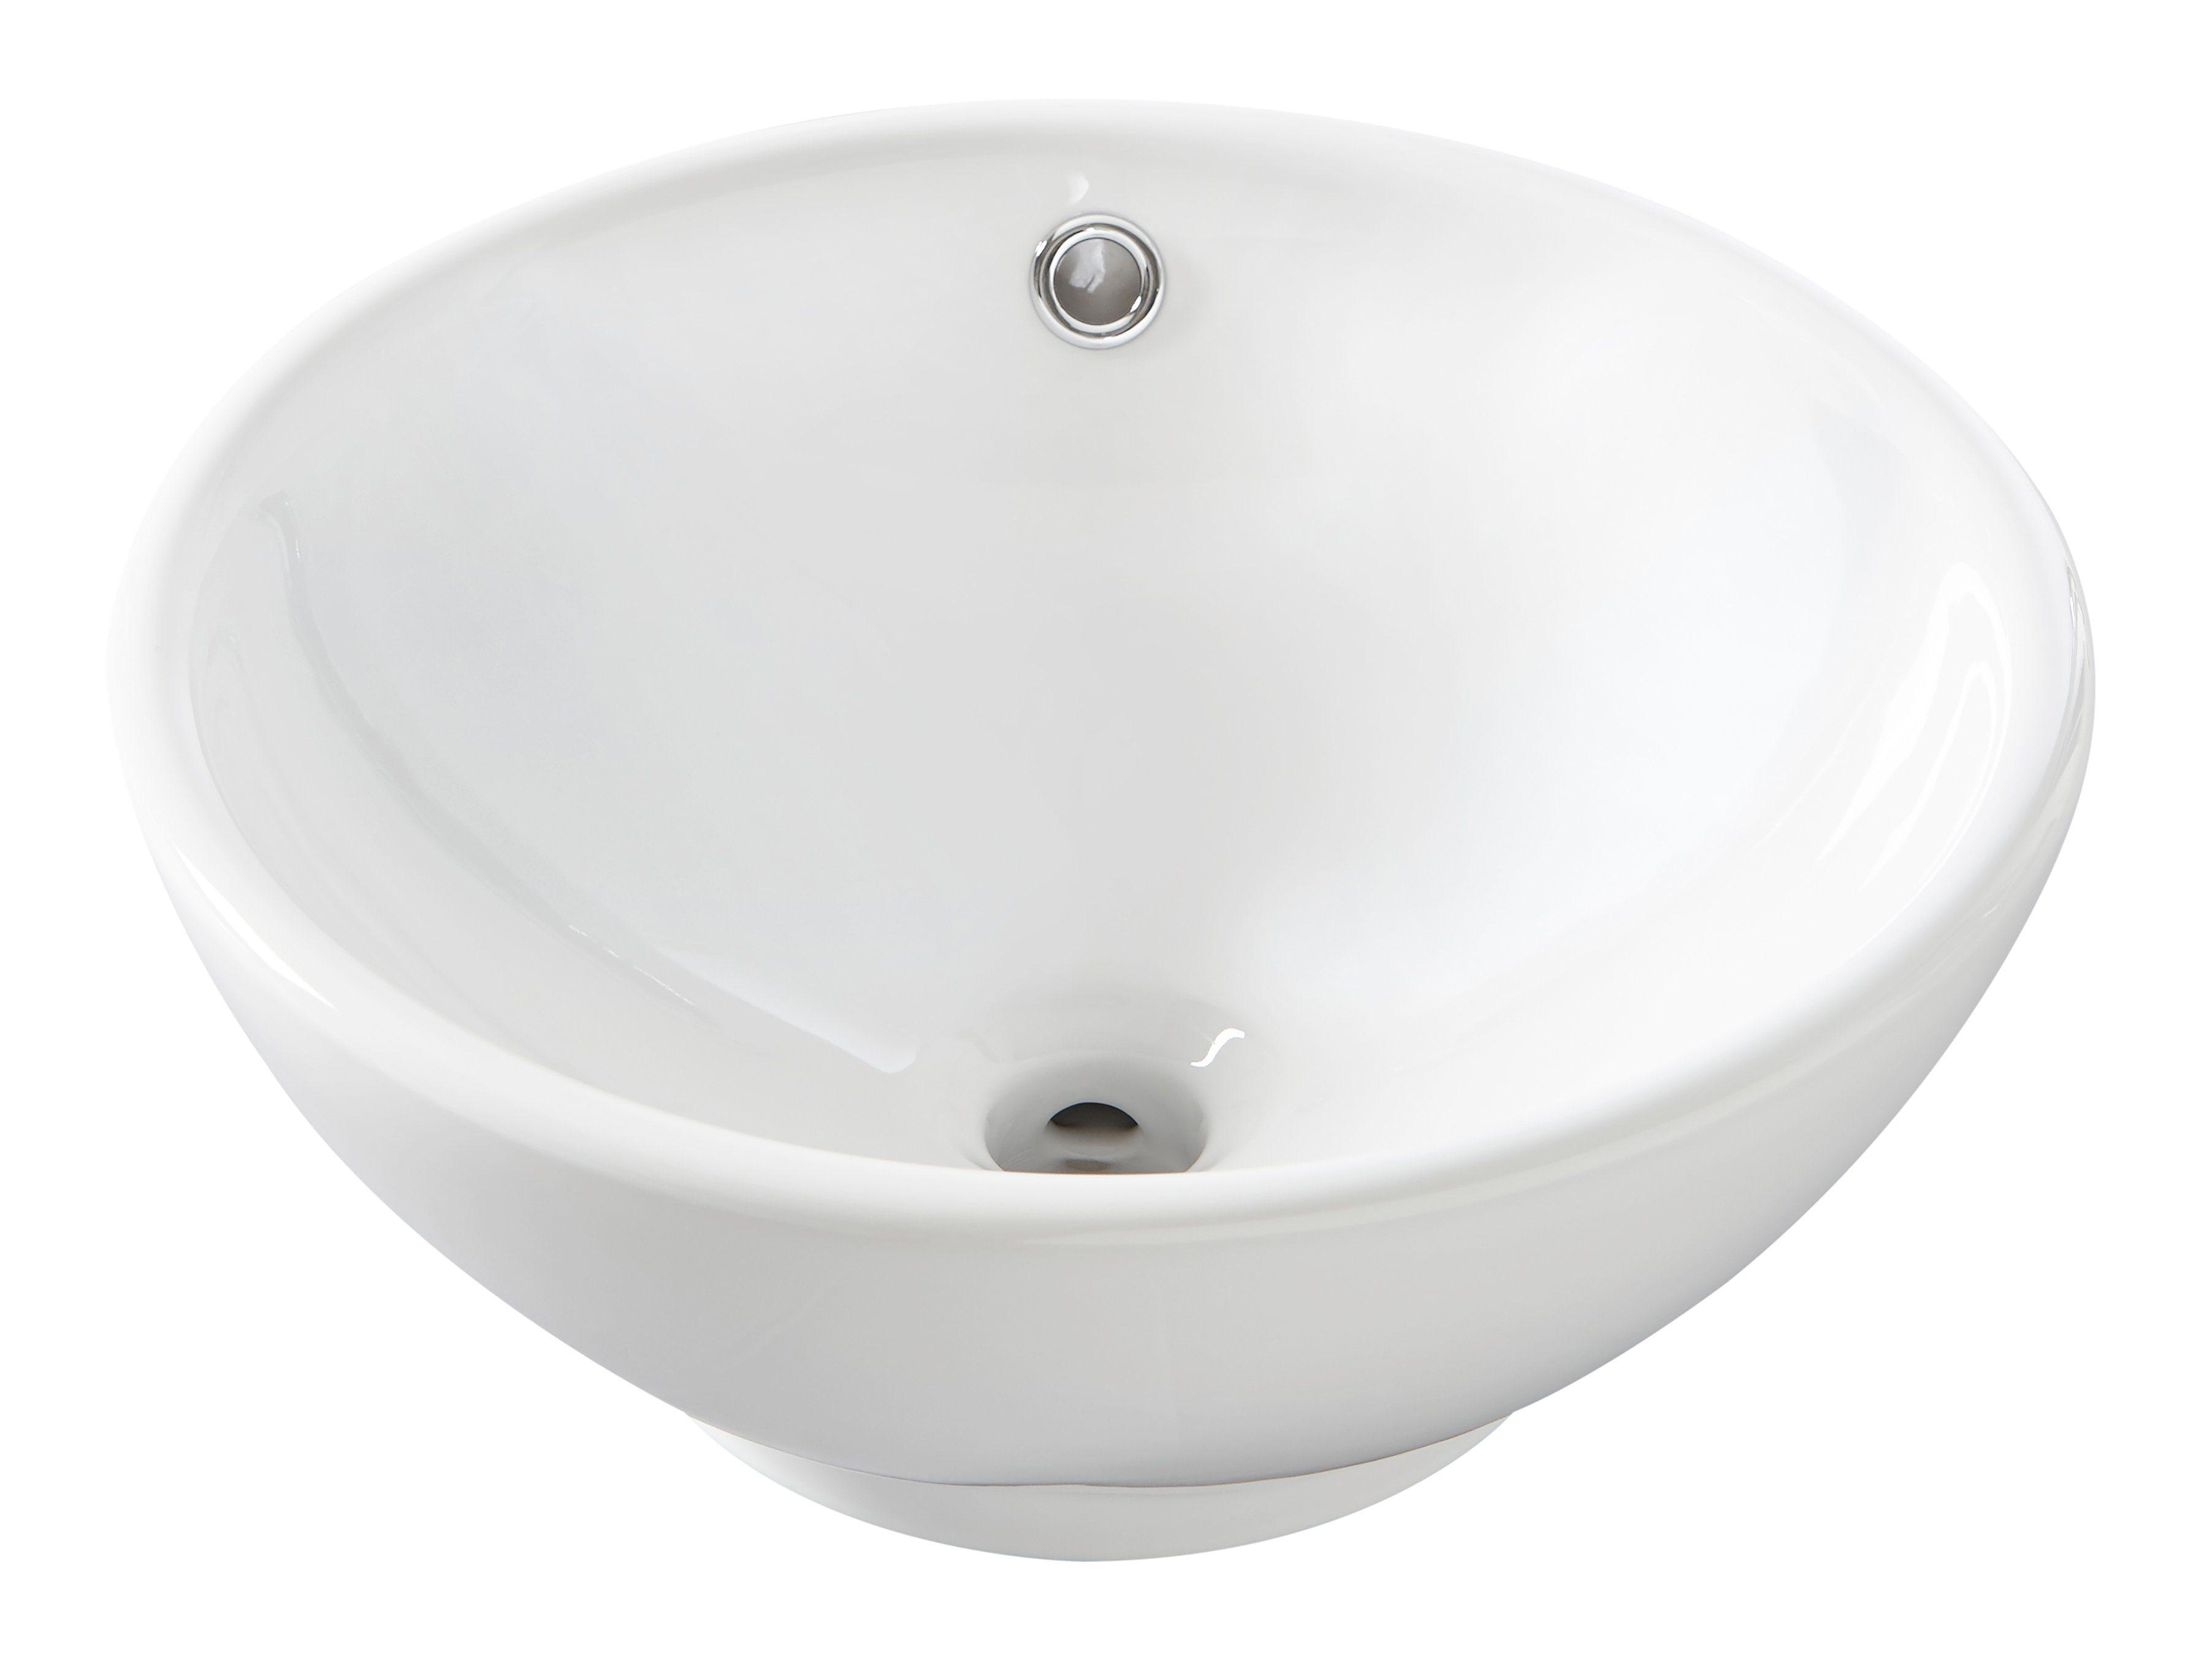 Aufsatz-Waschbecken , rund, 40 cm Durchmesser   Bad > Waschbecken   Kunststoff